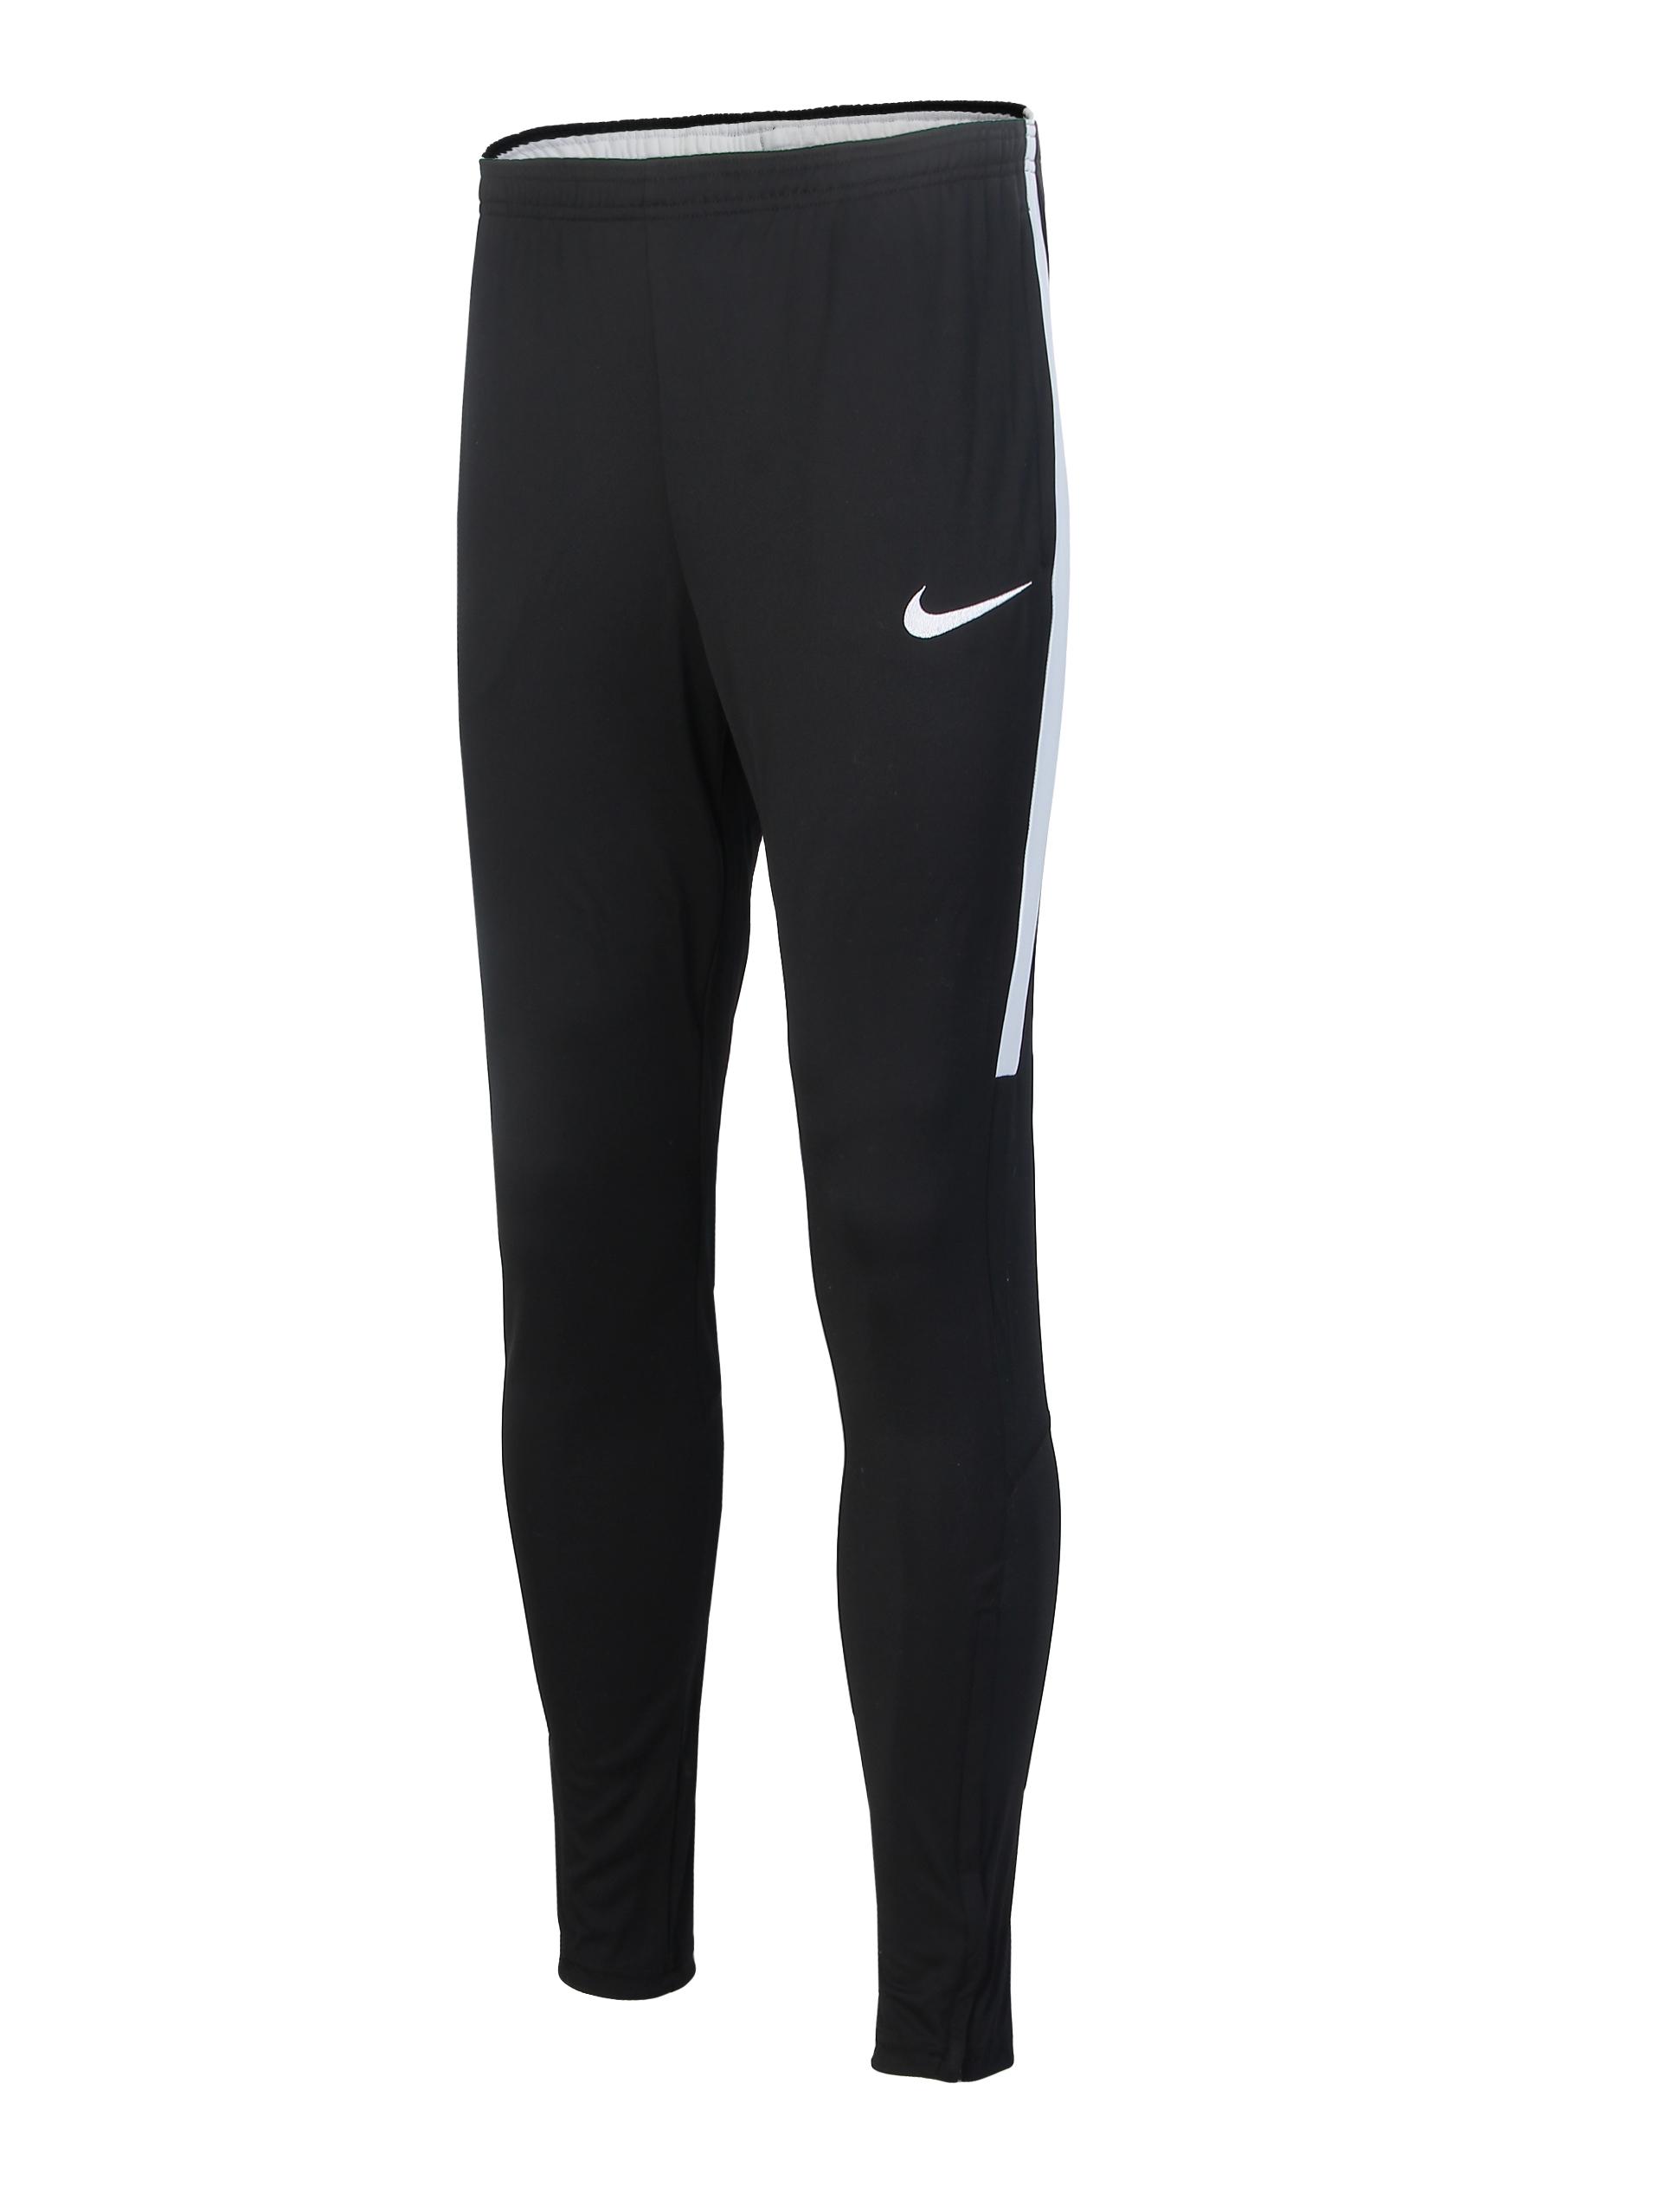 88f68a72 Брюки спортивные мужские Nike Dry Pant черные - Сеть спортивных ...